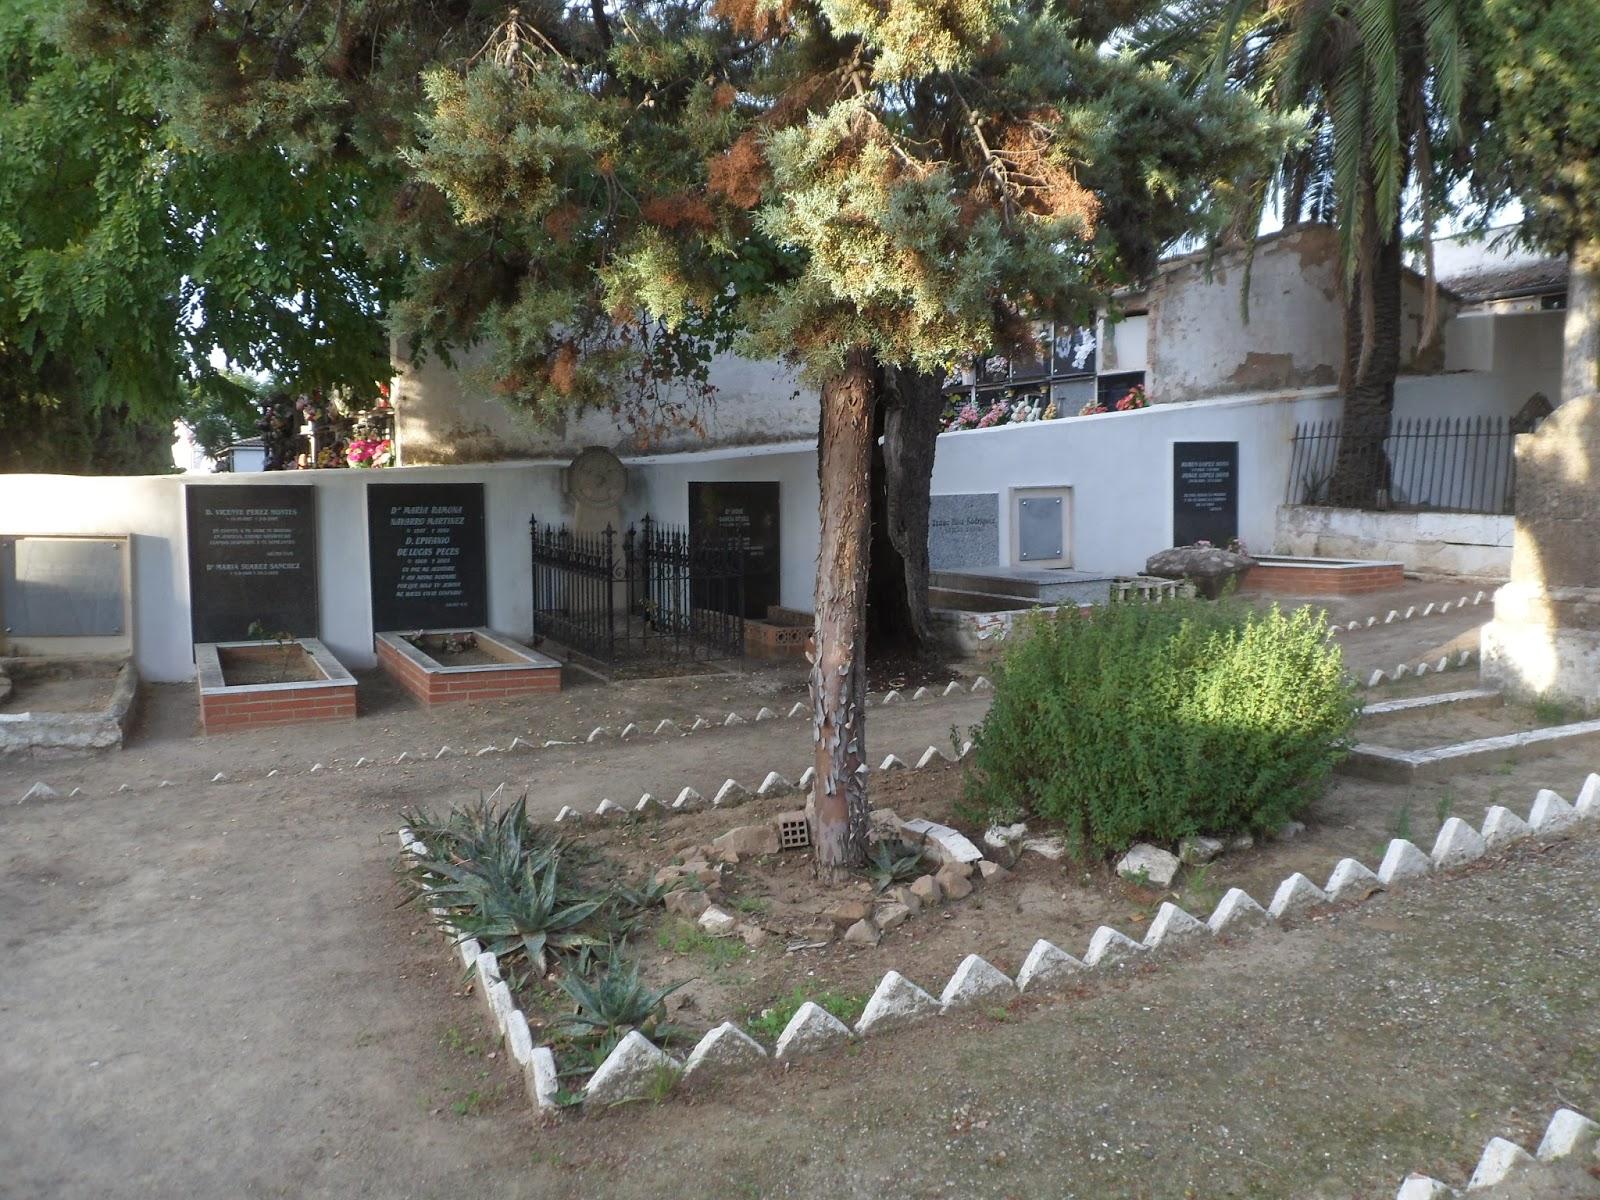 El cementerio de los protestantes ingleses en linares for Cementerio parque jardin la puerta